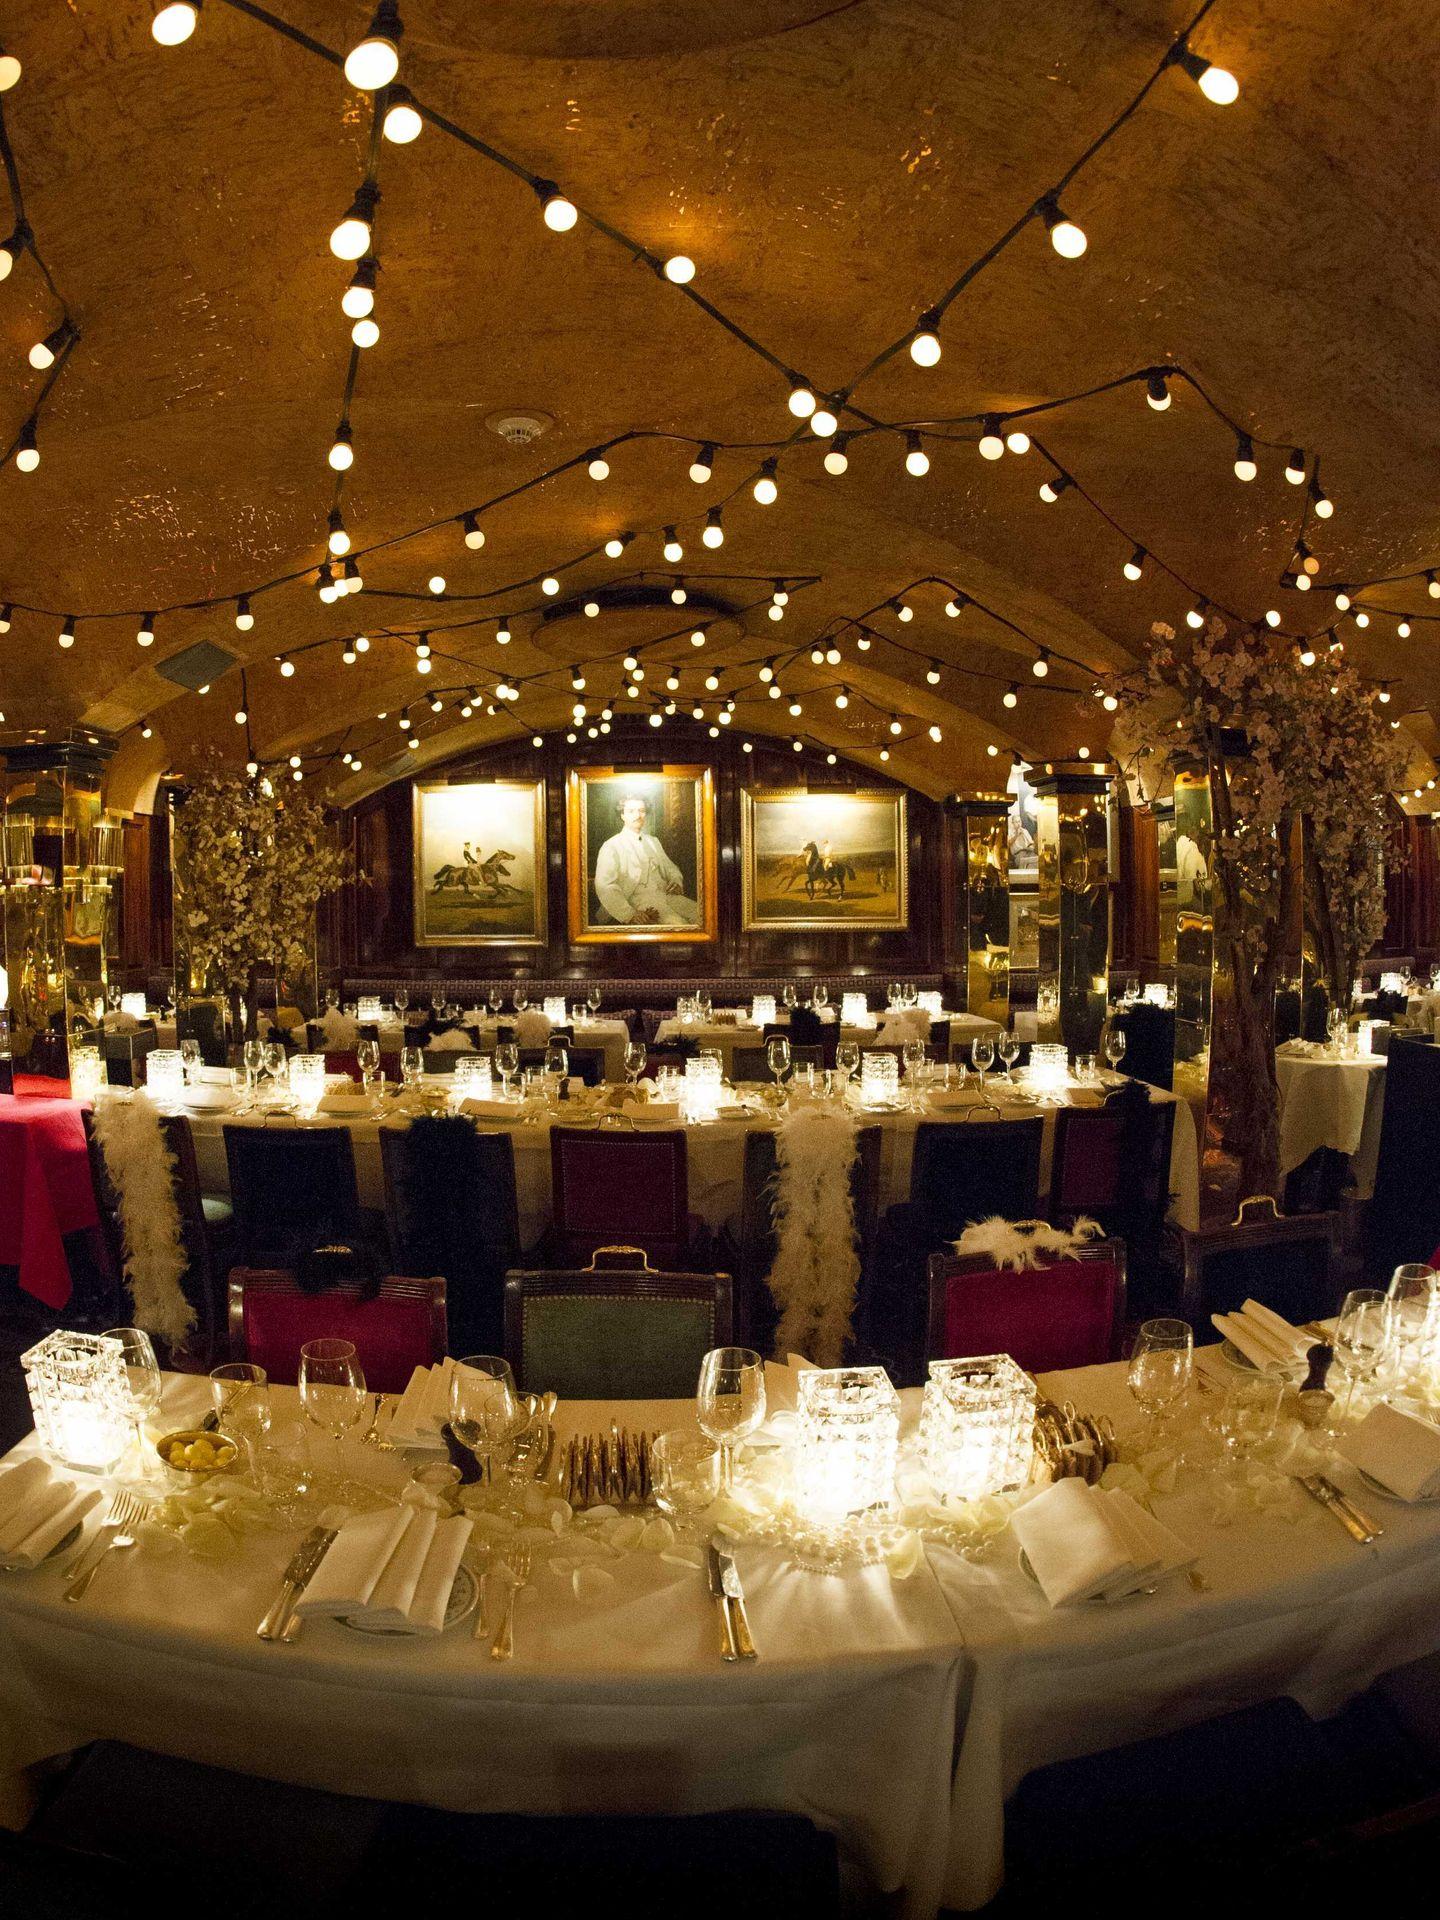 Uno de los salones restaurante de Annabel's